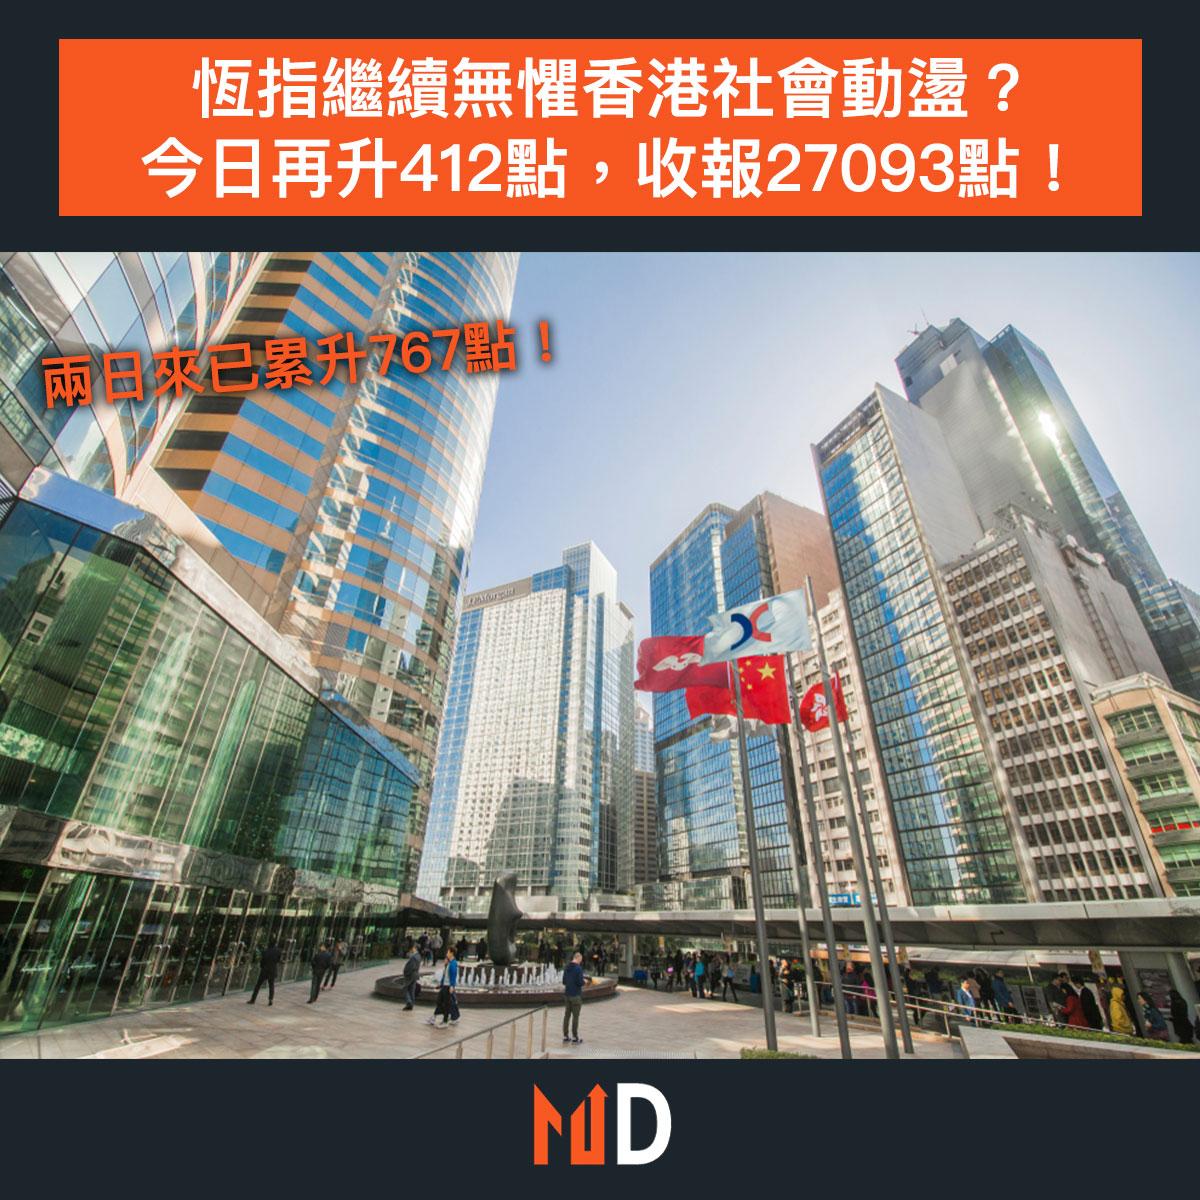 【市場熱話】恆指繼續無懼香港社會動盪?今日再升412點,收報27093點!